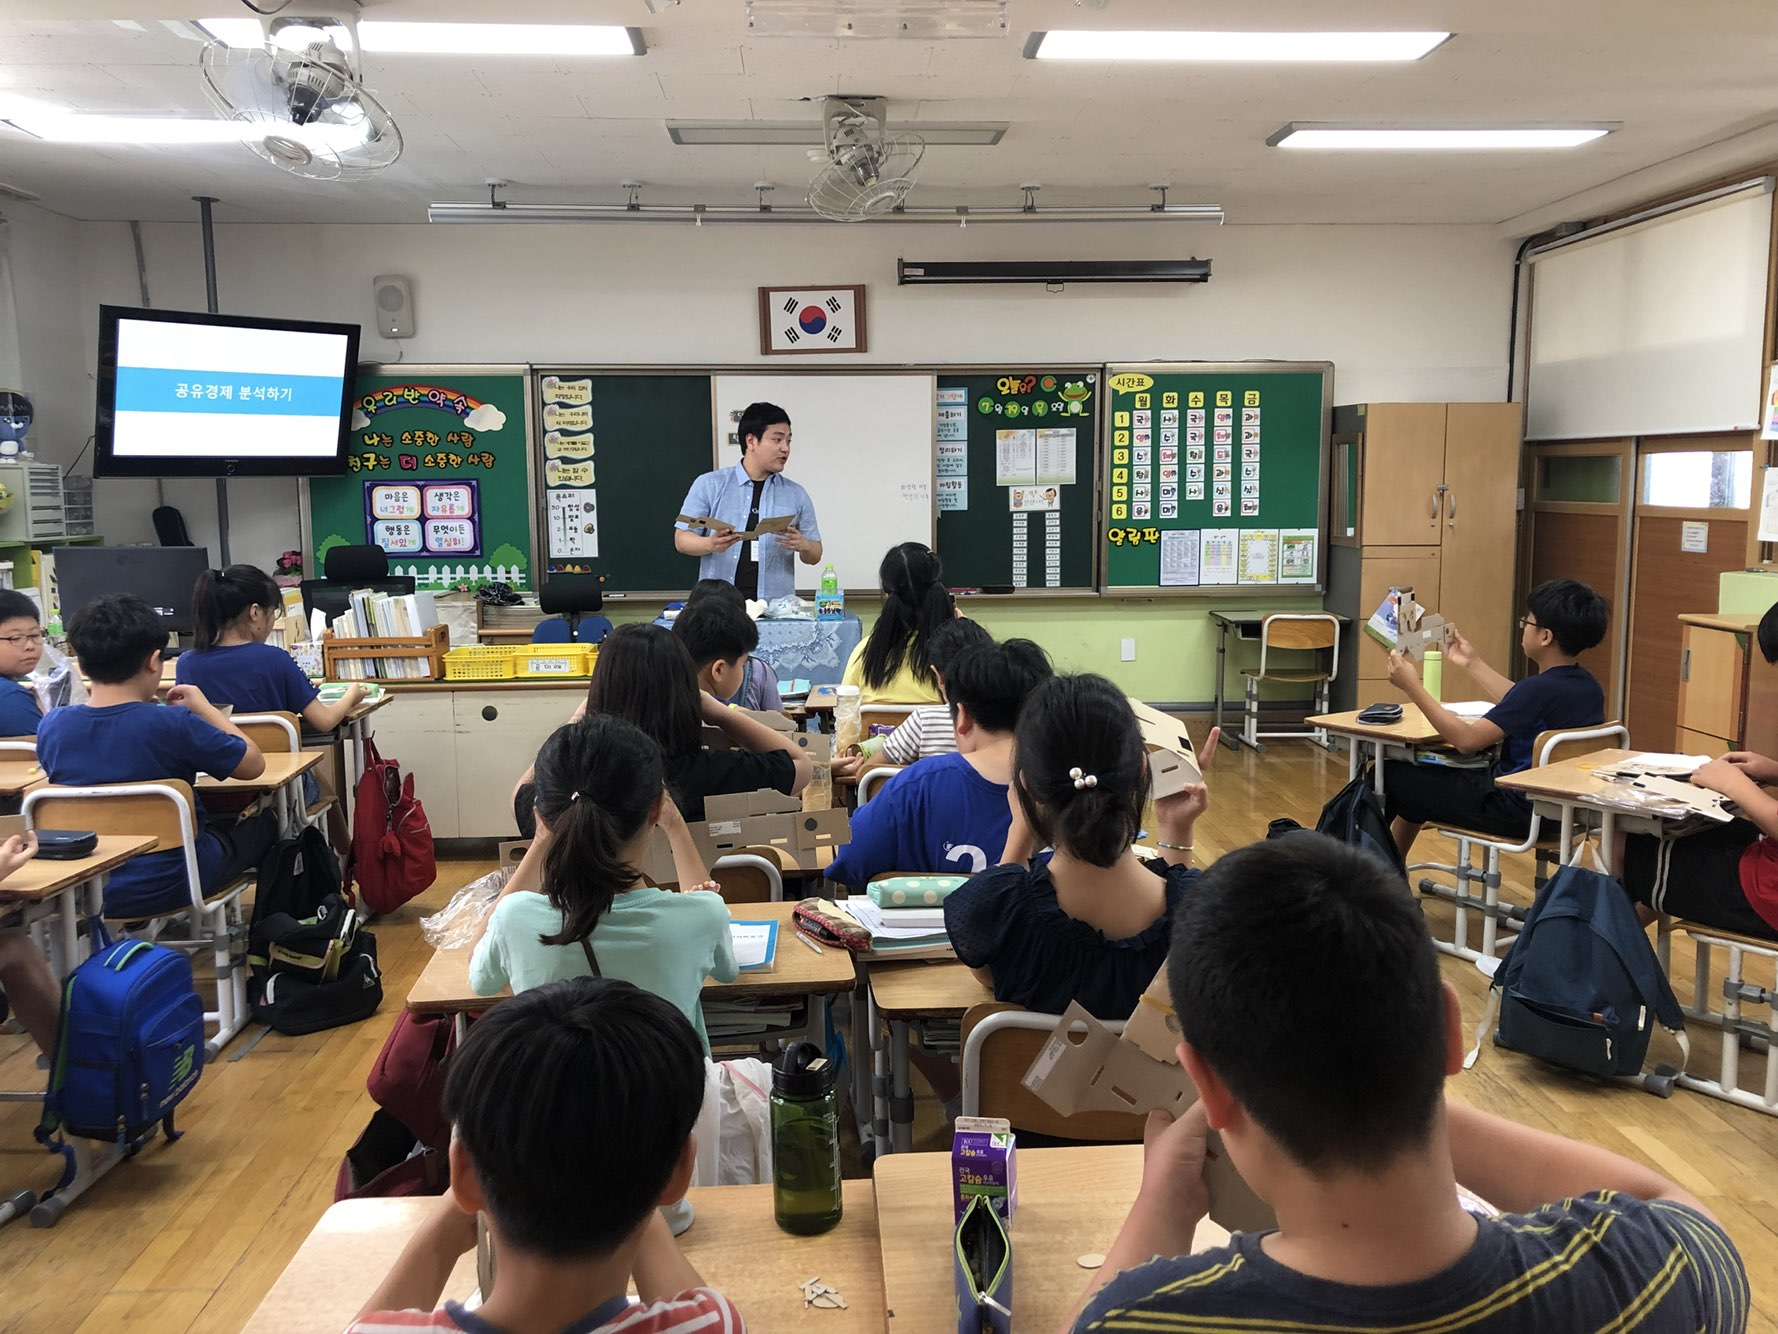 2018 은평구 공유경제 씨앗학교 '녹번초등학교'